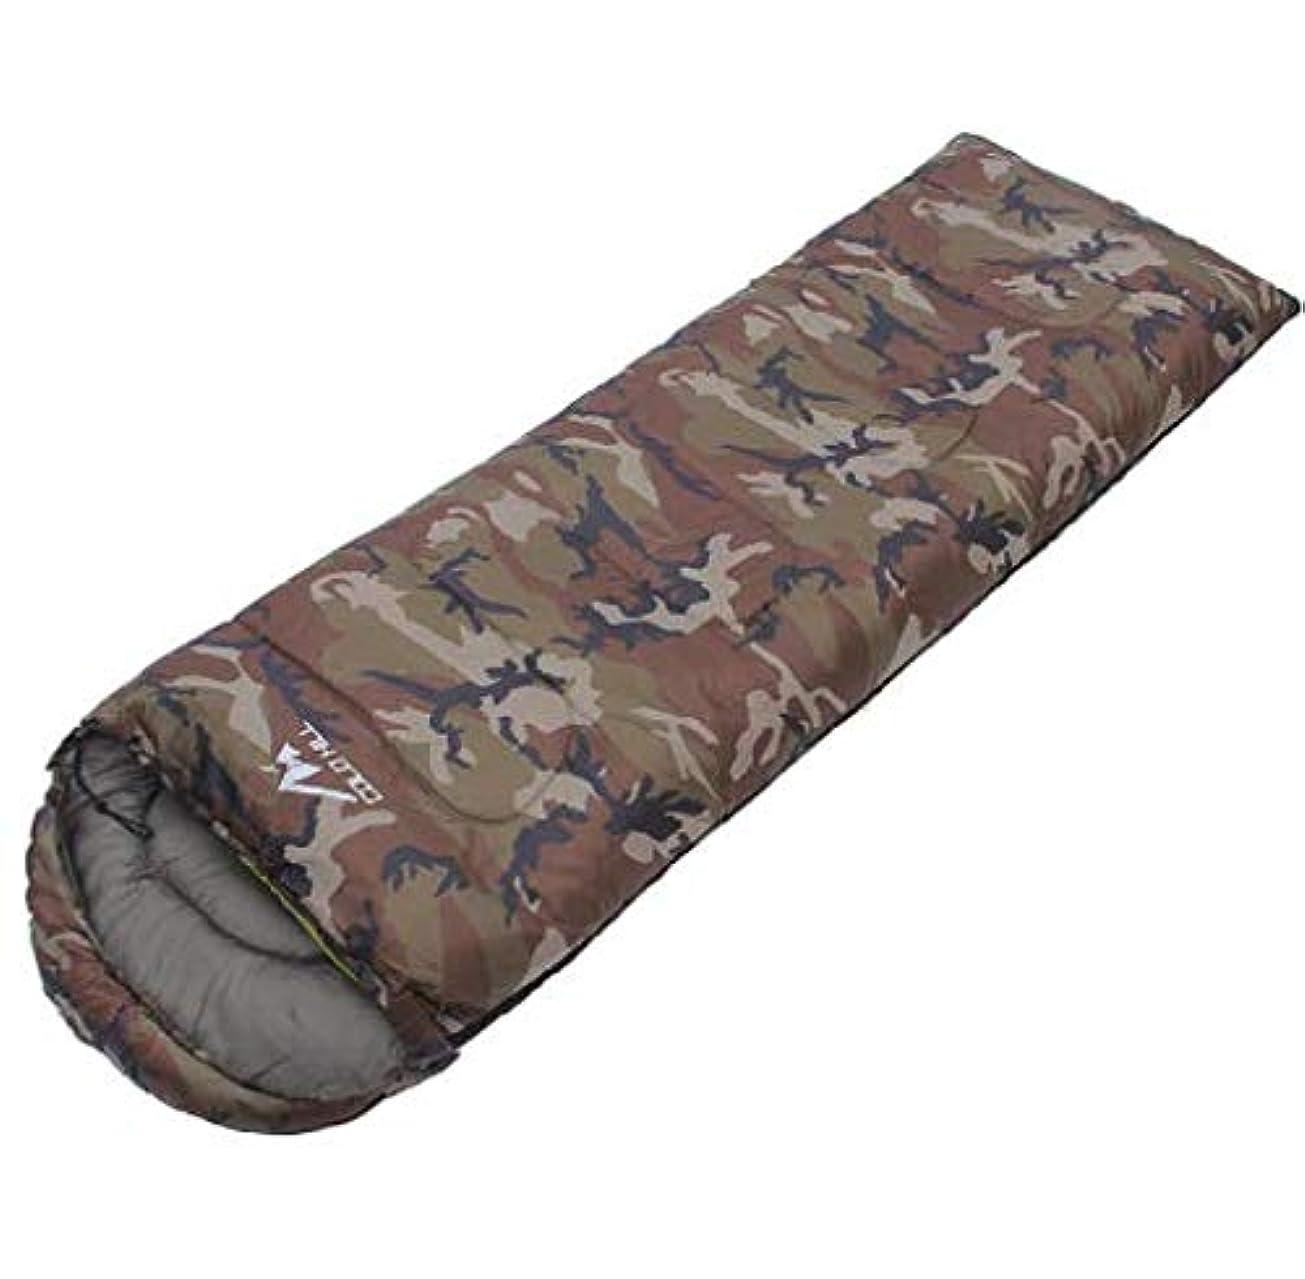 忘れる確立しますチェスをする屋外の寝袋大人のキャンプキャンプの昼休み暖かい四季寝袋 (Size : L)